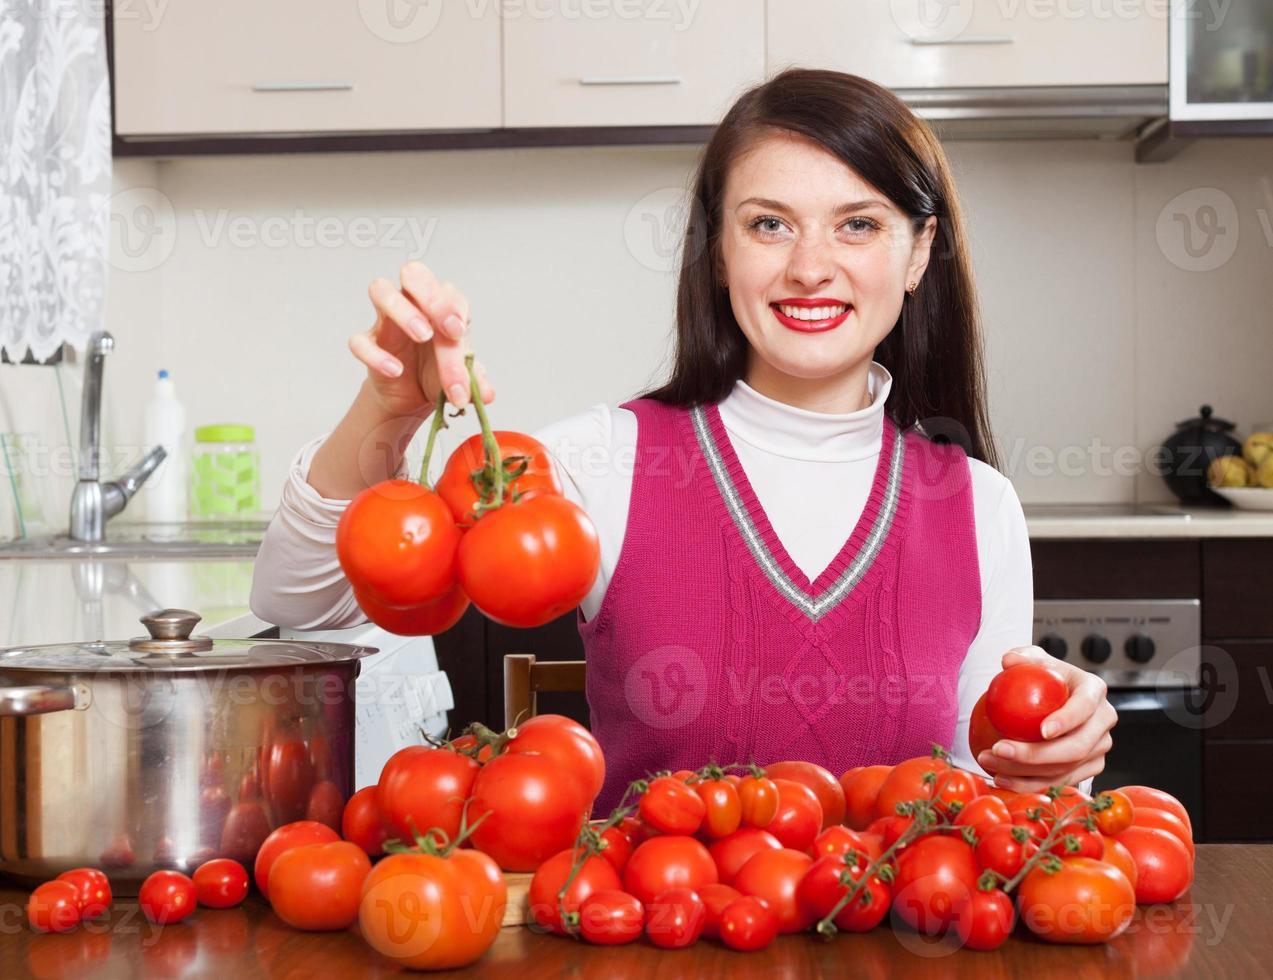 femme heureuse avec des tomates rouges photo